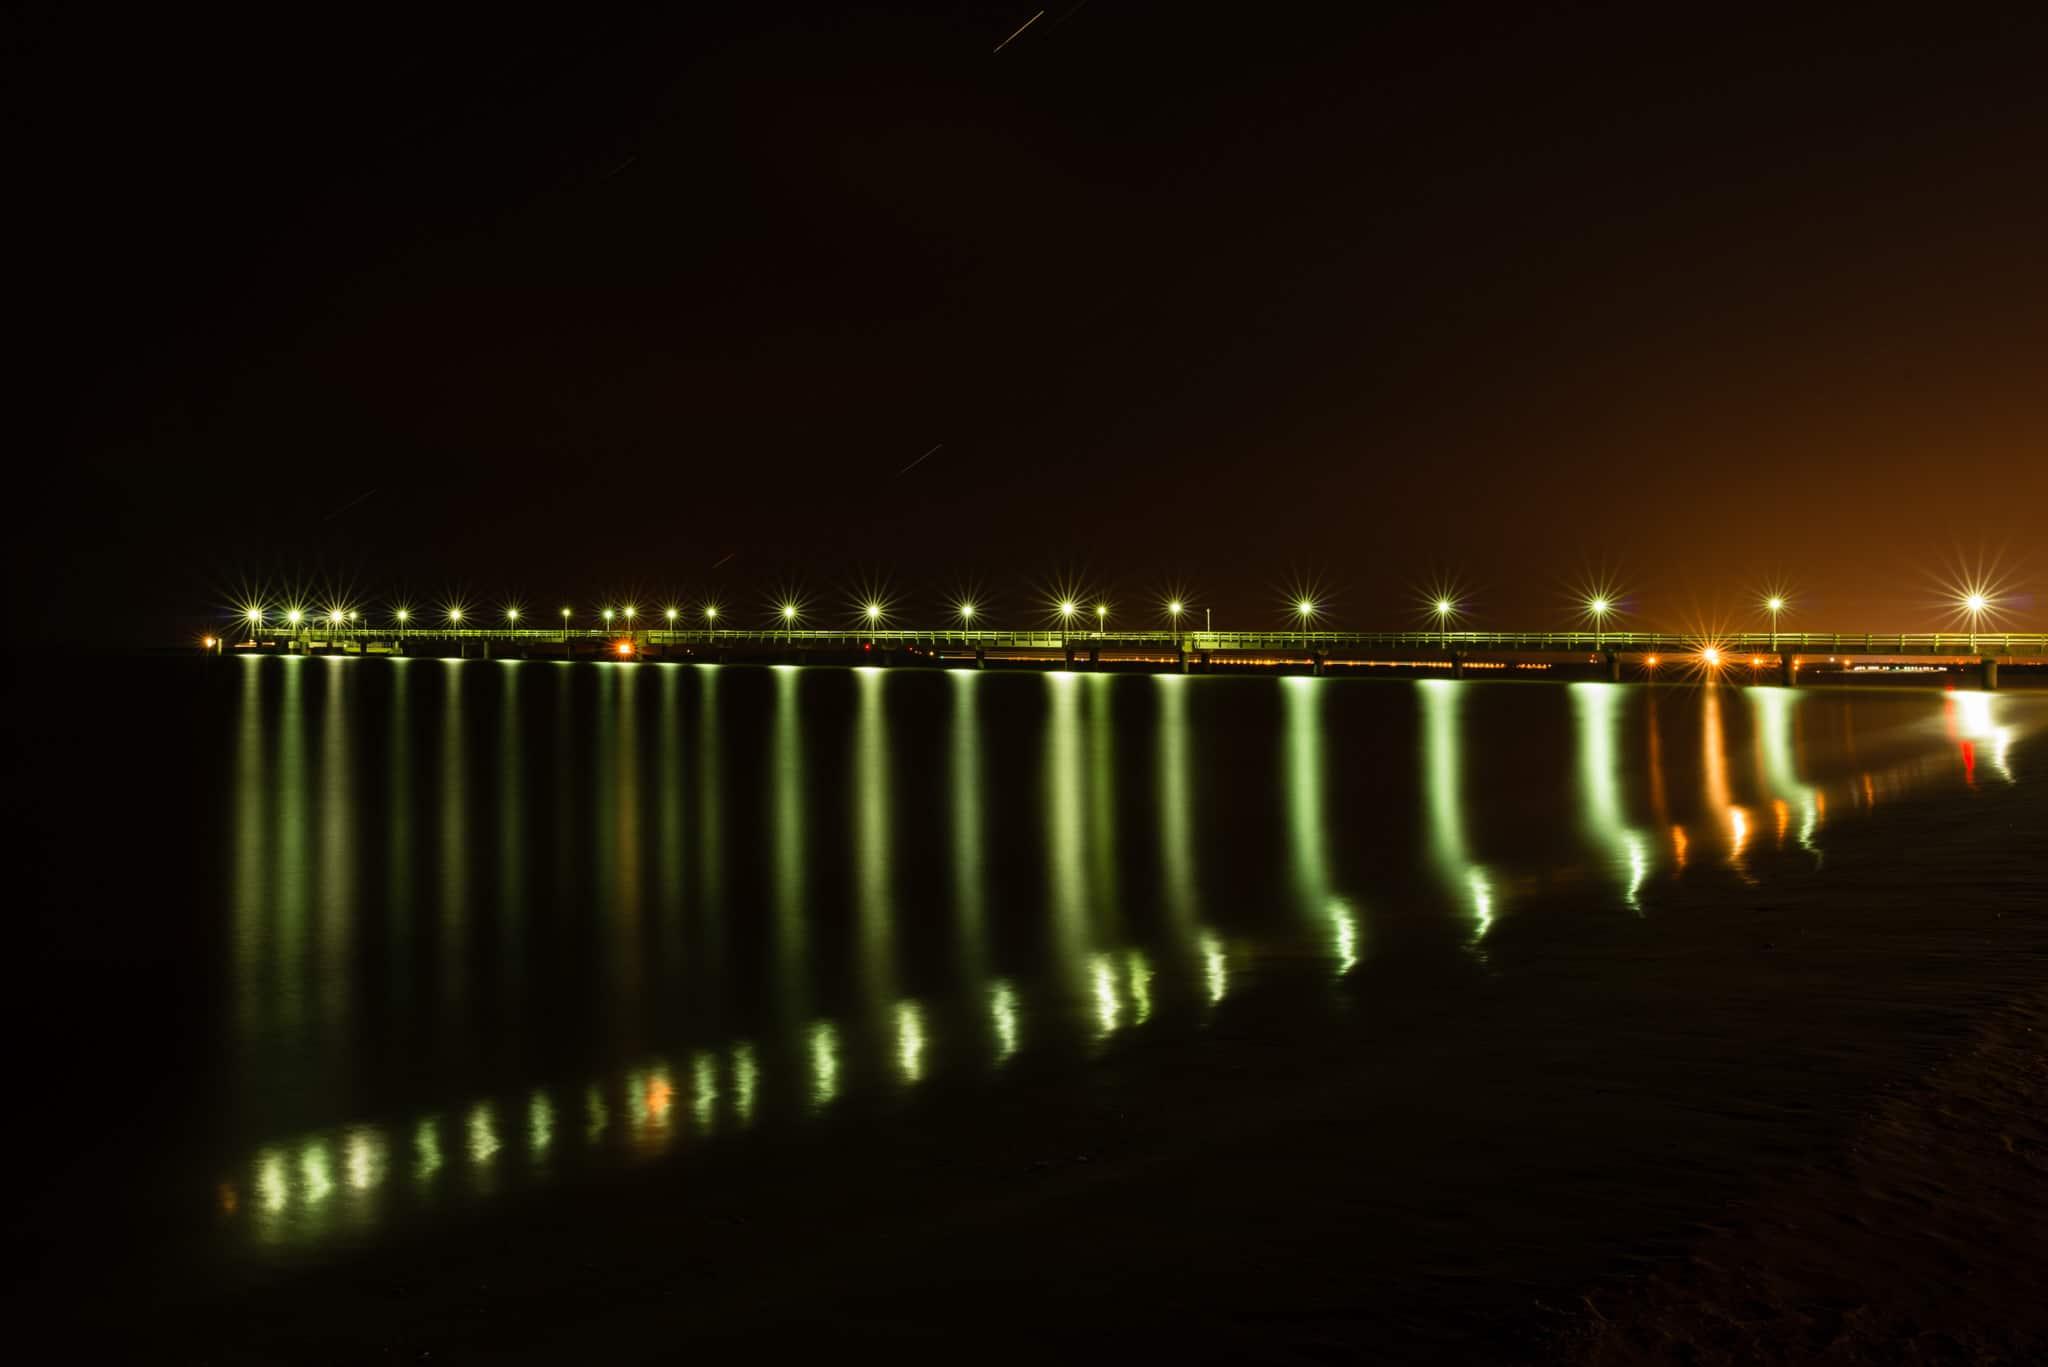 Seebrücke Ahlbeck - In der Nacht beleuchtet, (Foto copyright - Frank Weber - Berlin - frankwwweber.de)